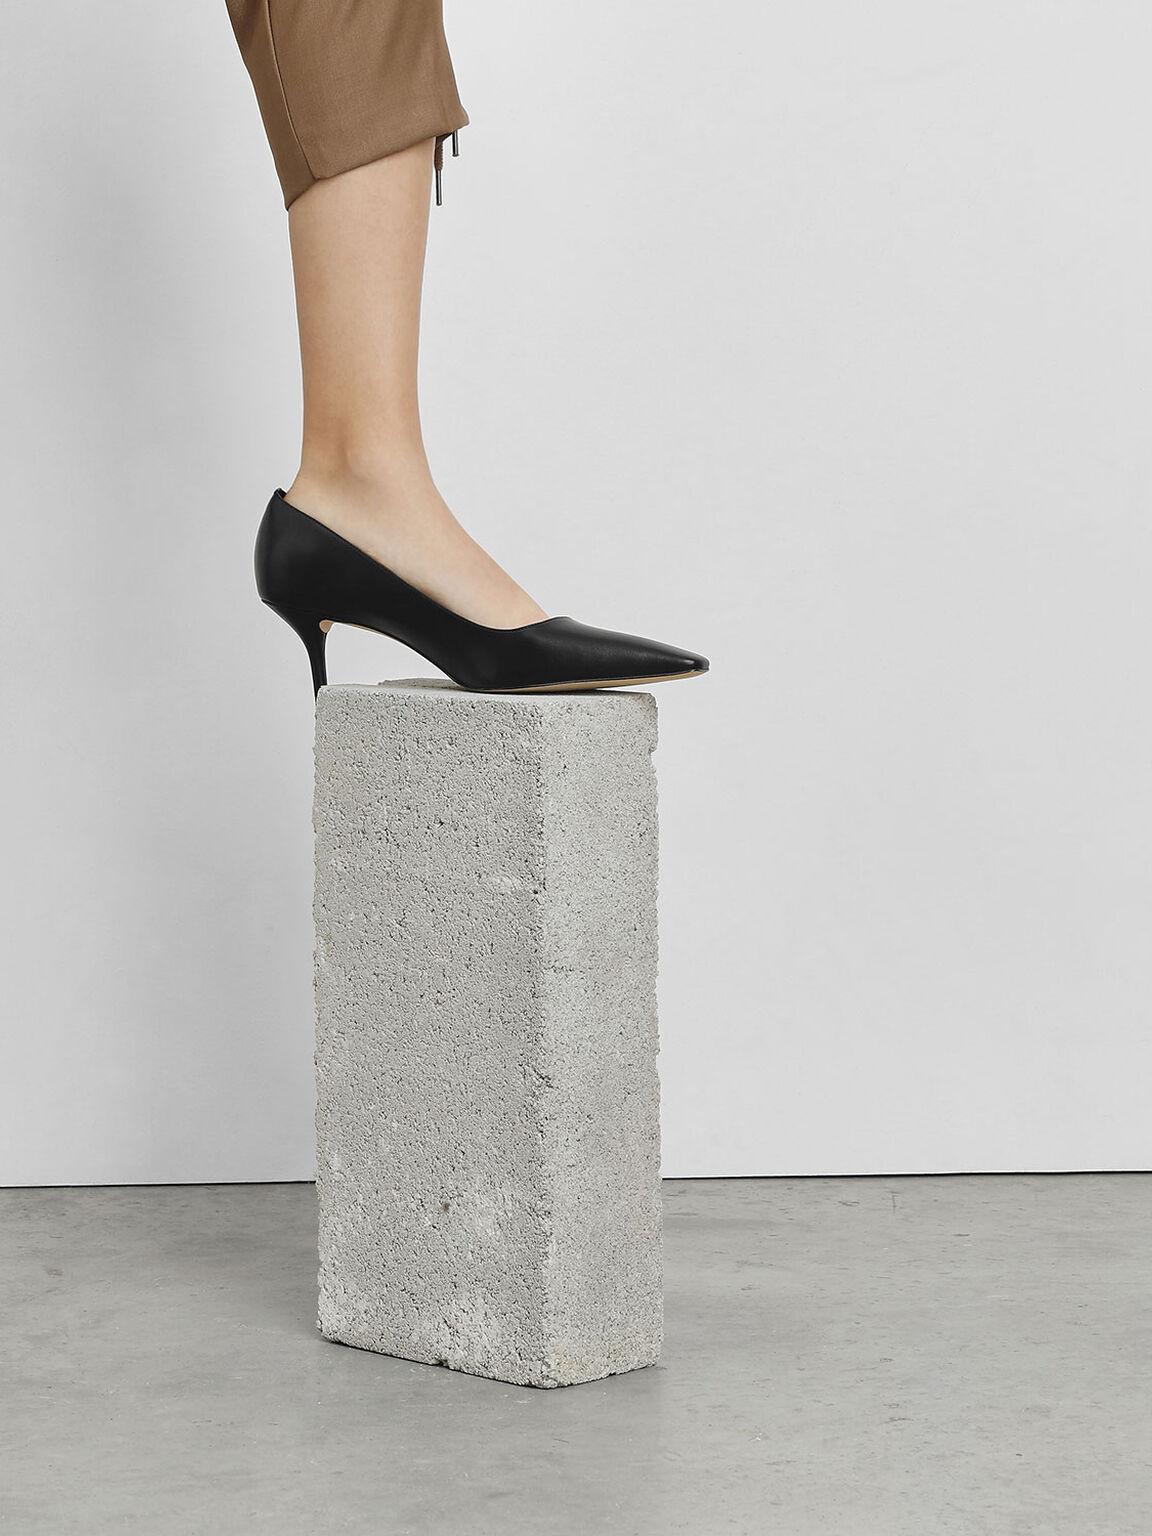 D'Orsay Heels, Black, hi-res